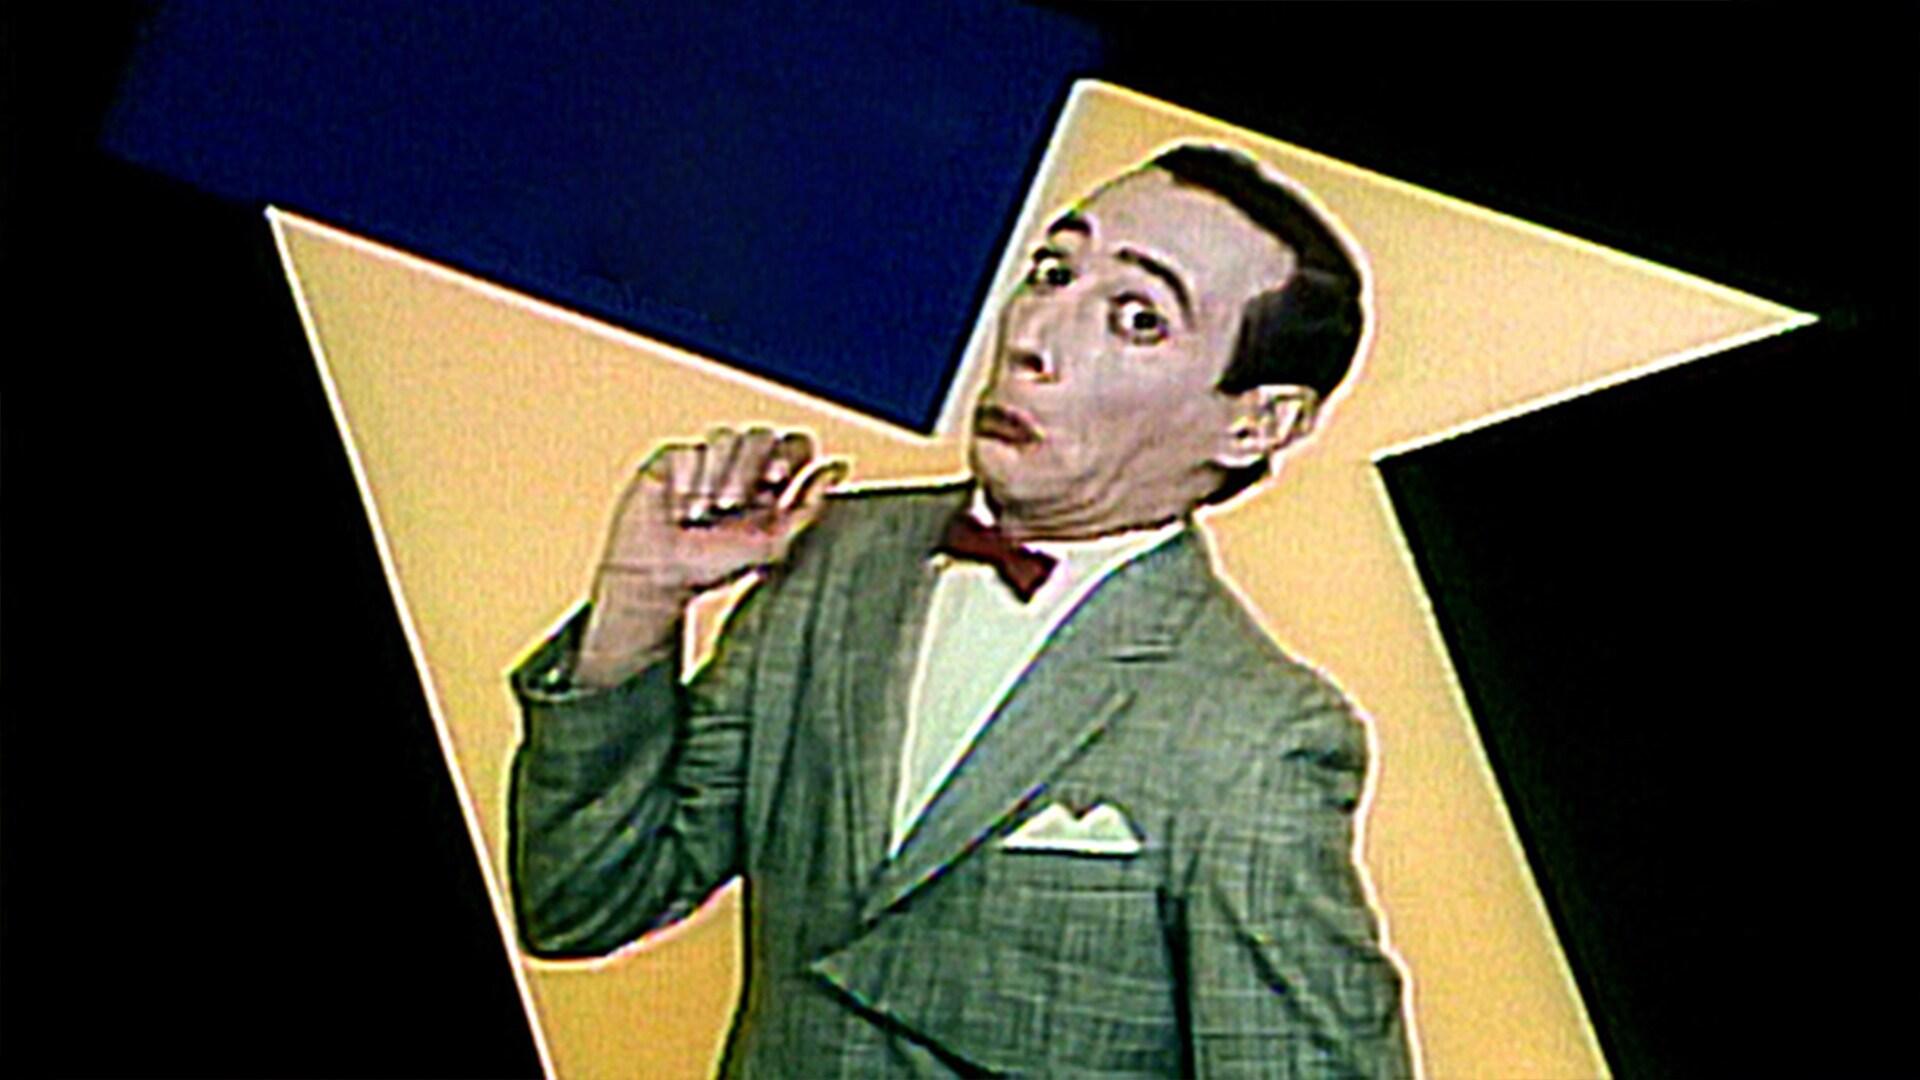 Pee-Wee Herman: November 23, 1985